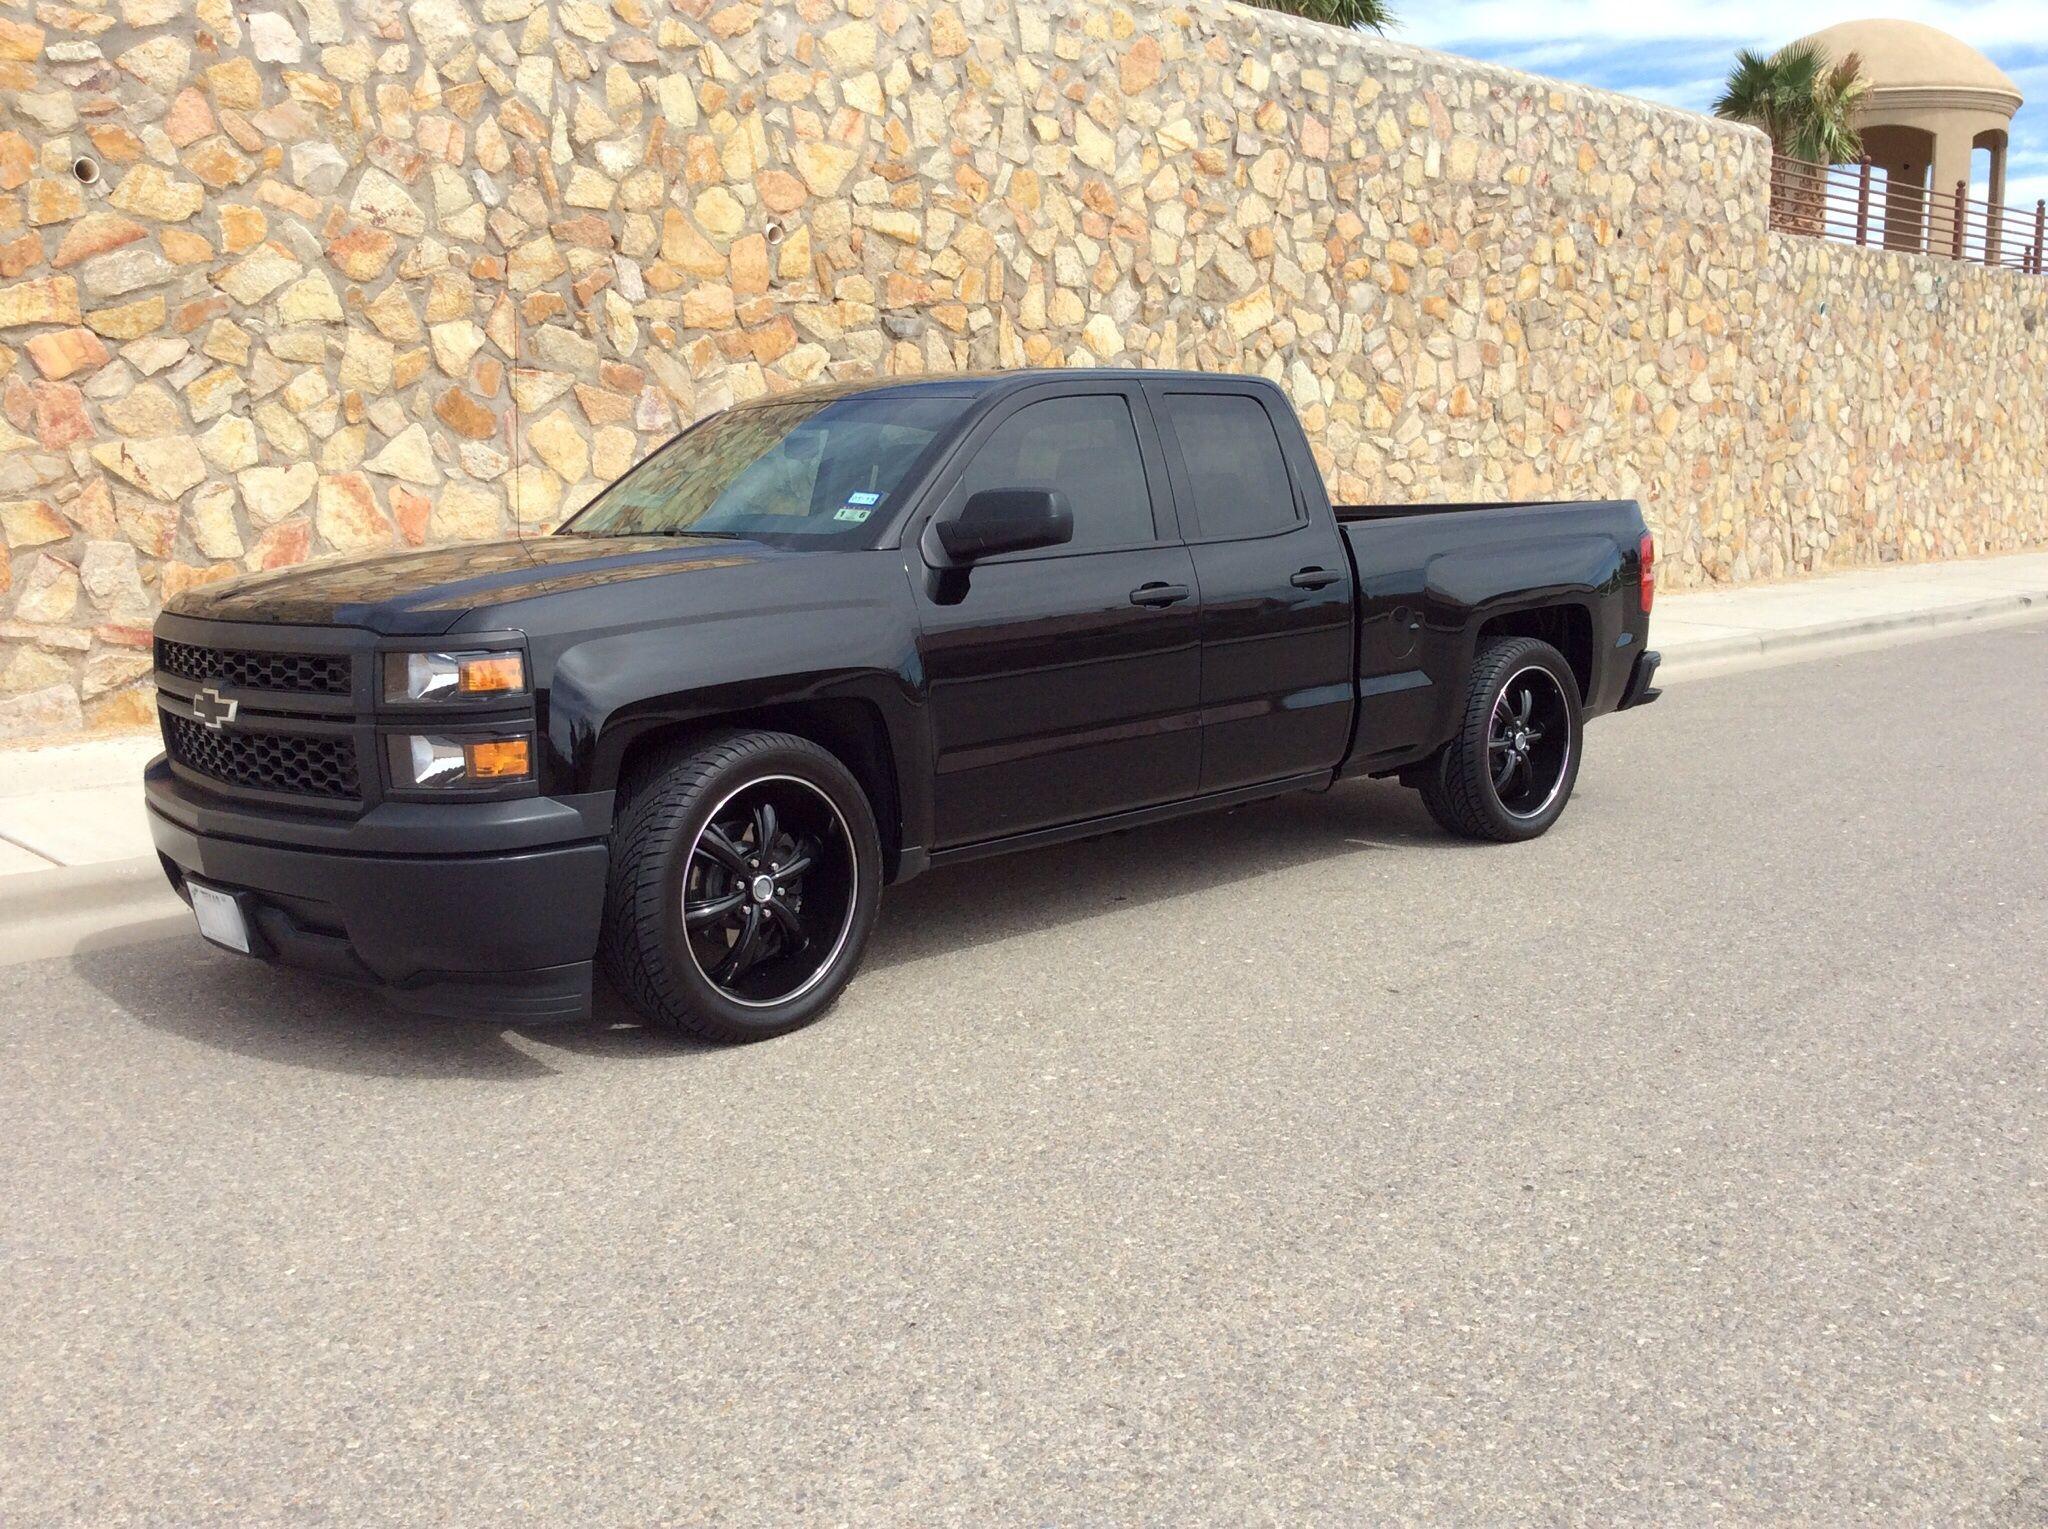 2014 Silverado With A Rough Country 2 4 Drop Kit And 22 Decenti Wheels 2014 Silverado Silverado Monster Trucks